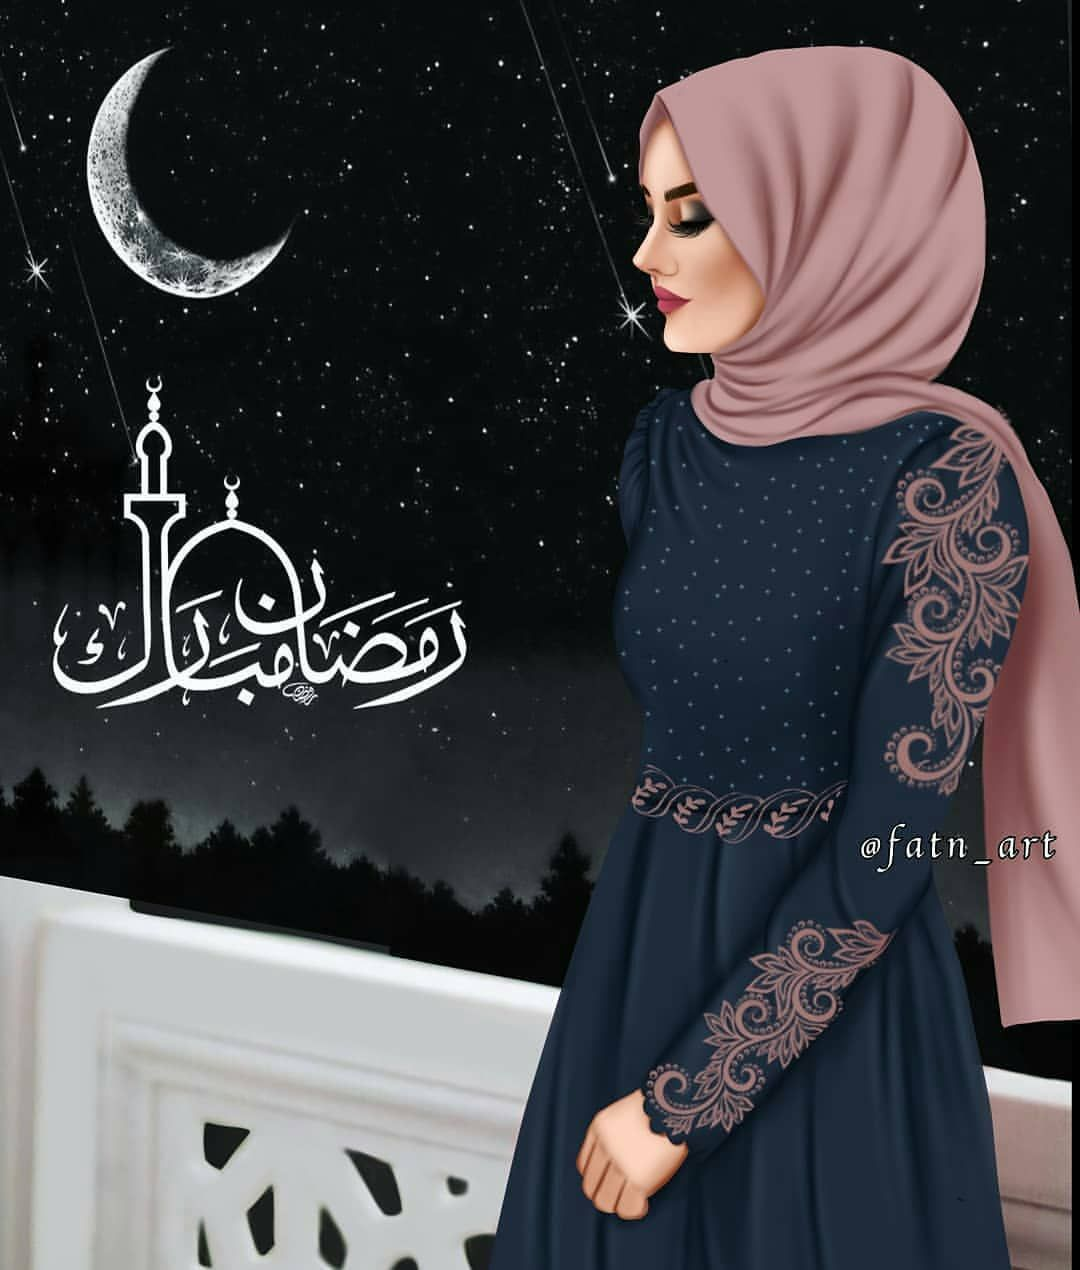 تحبون الرمضان Fashionyista Fashionyista صور كارتونية للحلوات منشن لصديقاتك تشوفهن معك خلفيات Muslim Women Fashion Girl Hijab Islamic Girl